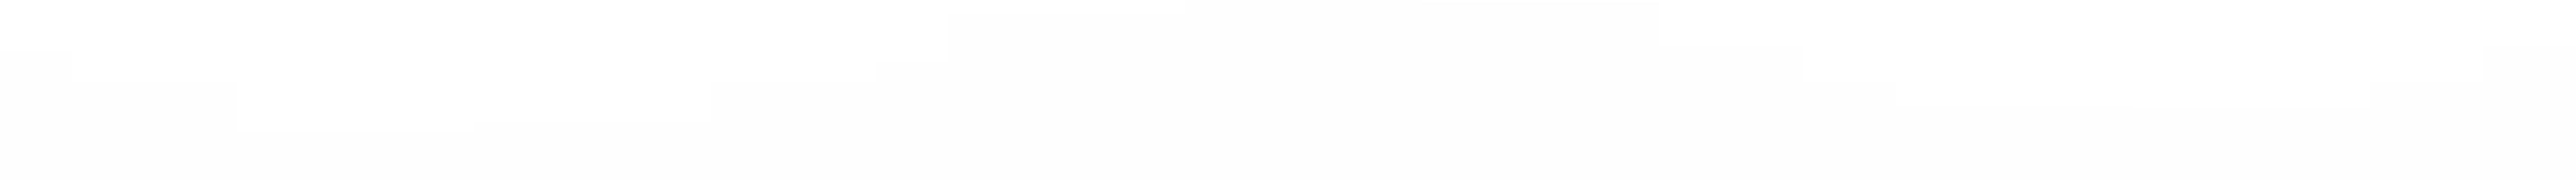 bottom-shape